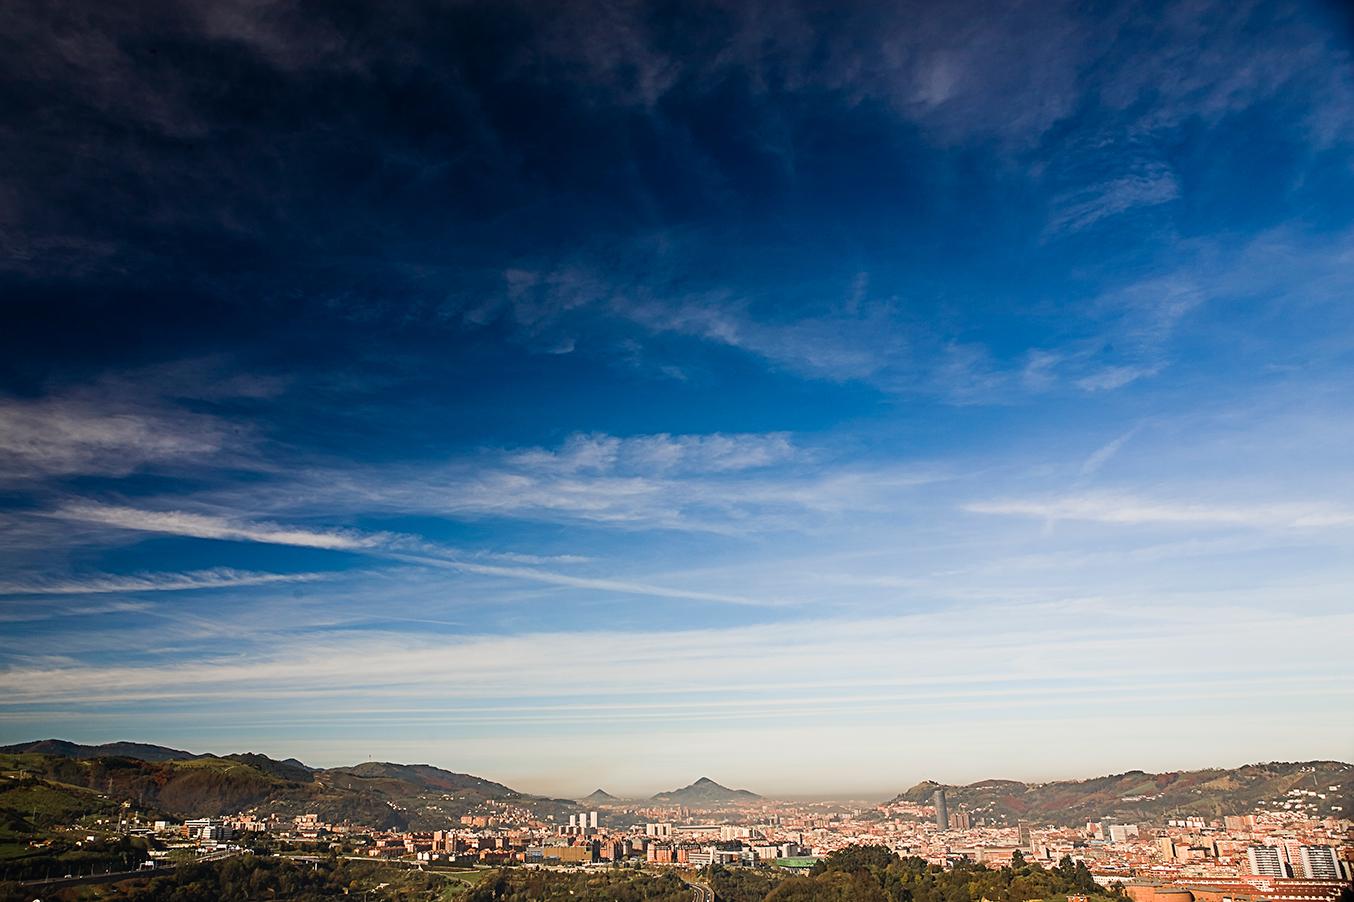 """Vista panorámica de Bilbao, que ha puesto a sus pies a toda Europa tras conseguir recientemente el premio a la <strong> Mejor Ciudad Europea 2018</strong>, un galardón que otorga anualmente la organización internacional <a href=""""https://www.academyofurbanism.org.uk/"""" target=""""_blank"""">The Academy of Urbanism</a>."""